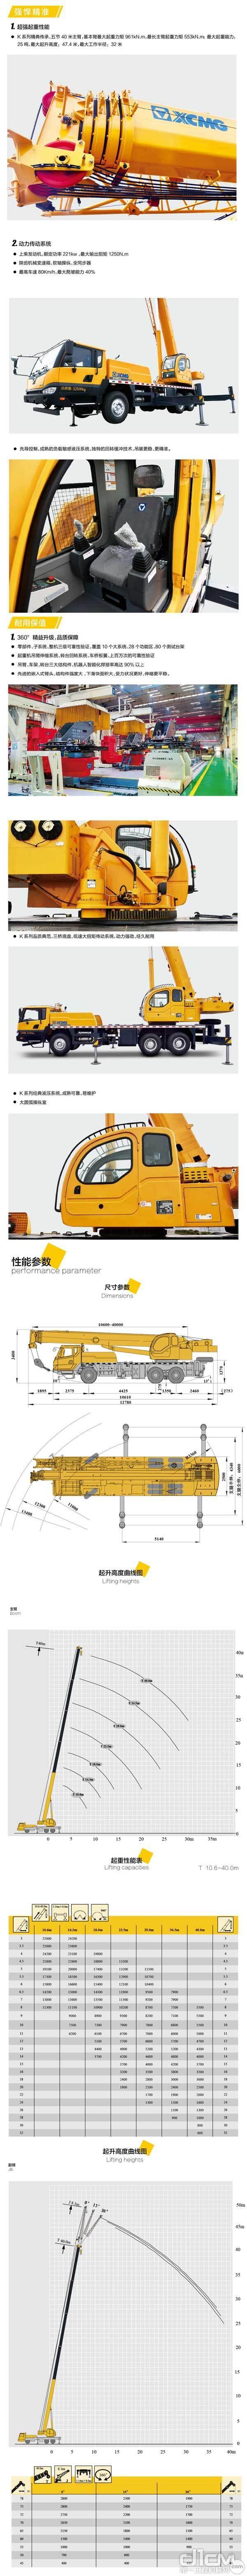 徐工QY25K5-II起重机详细介绍